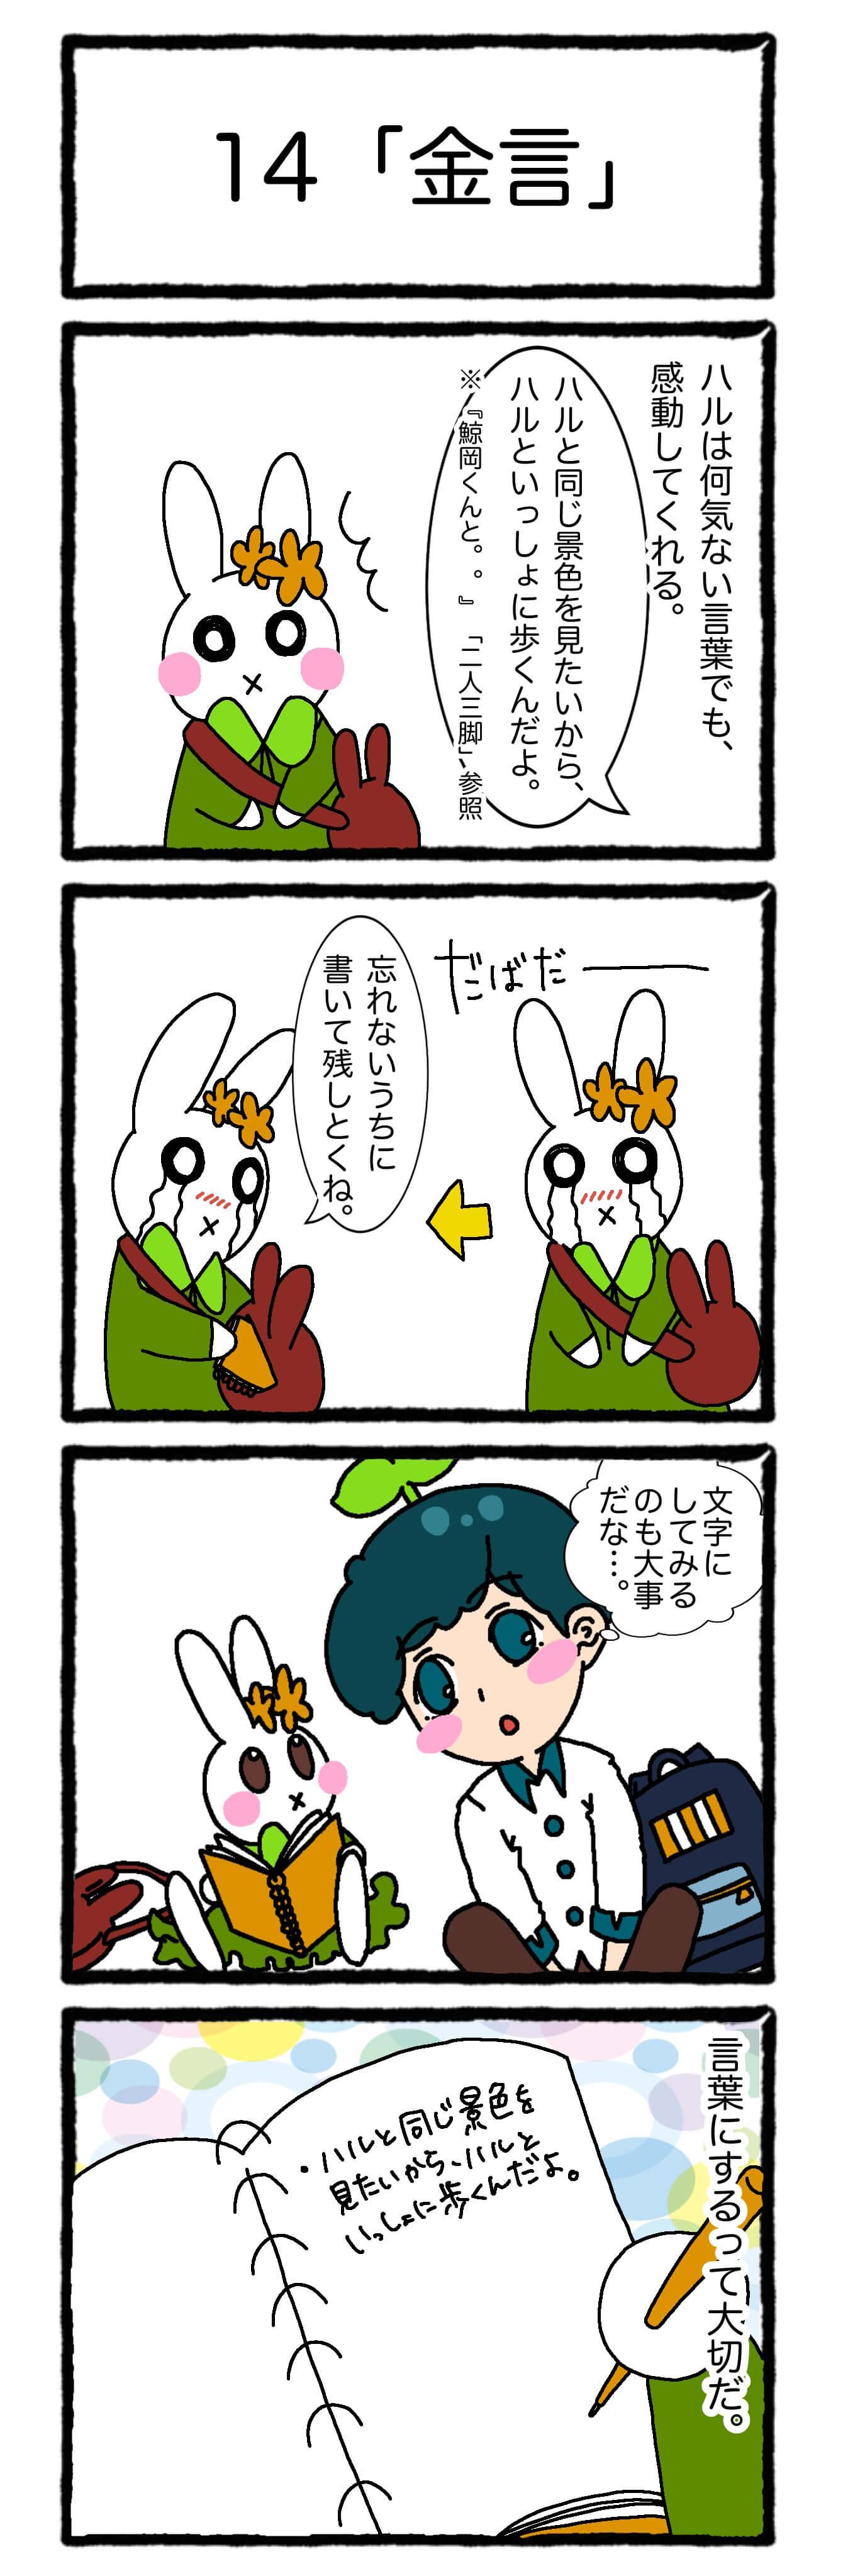 【4コマ漫画】ハルさんと。。(7)